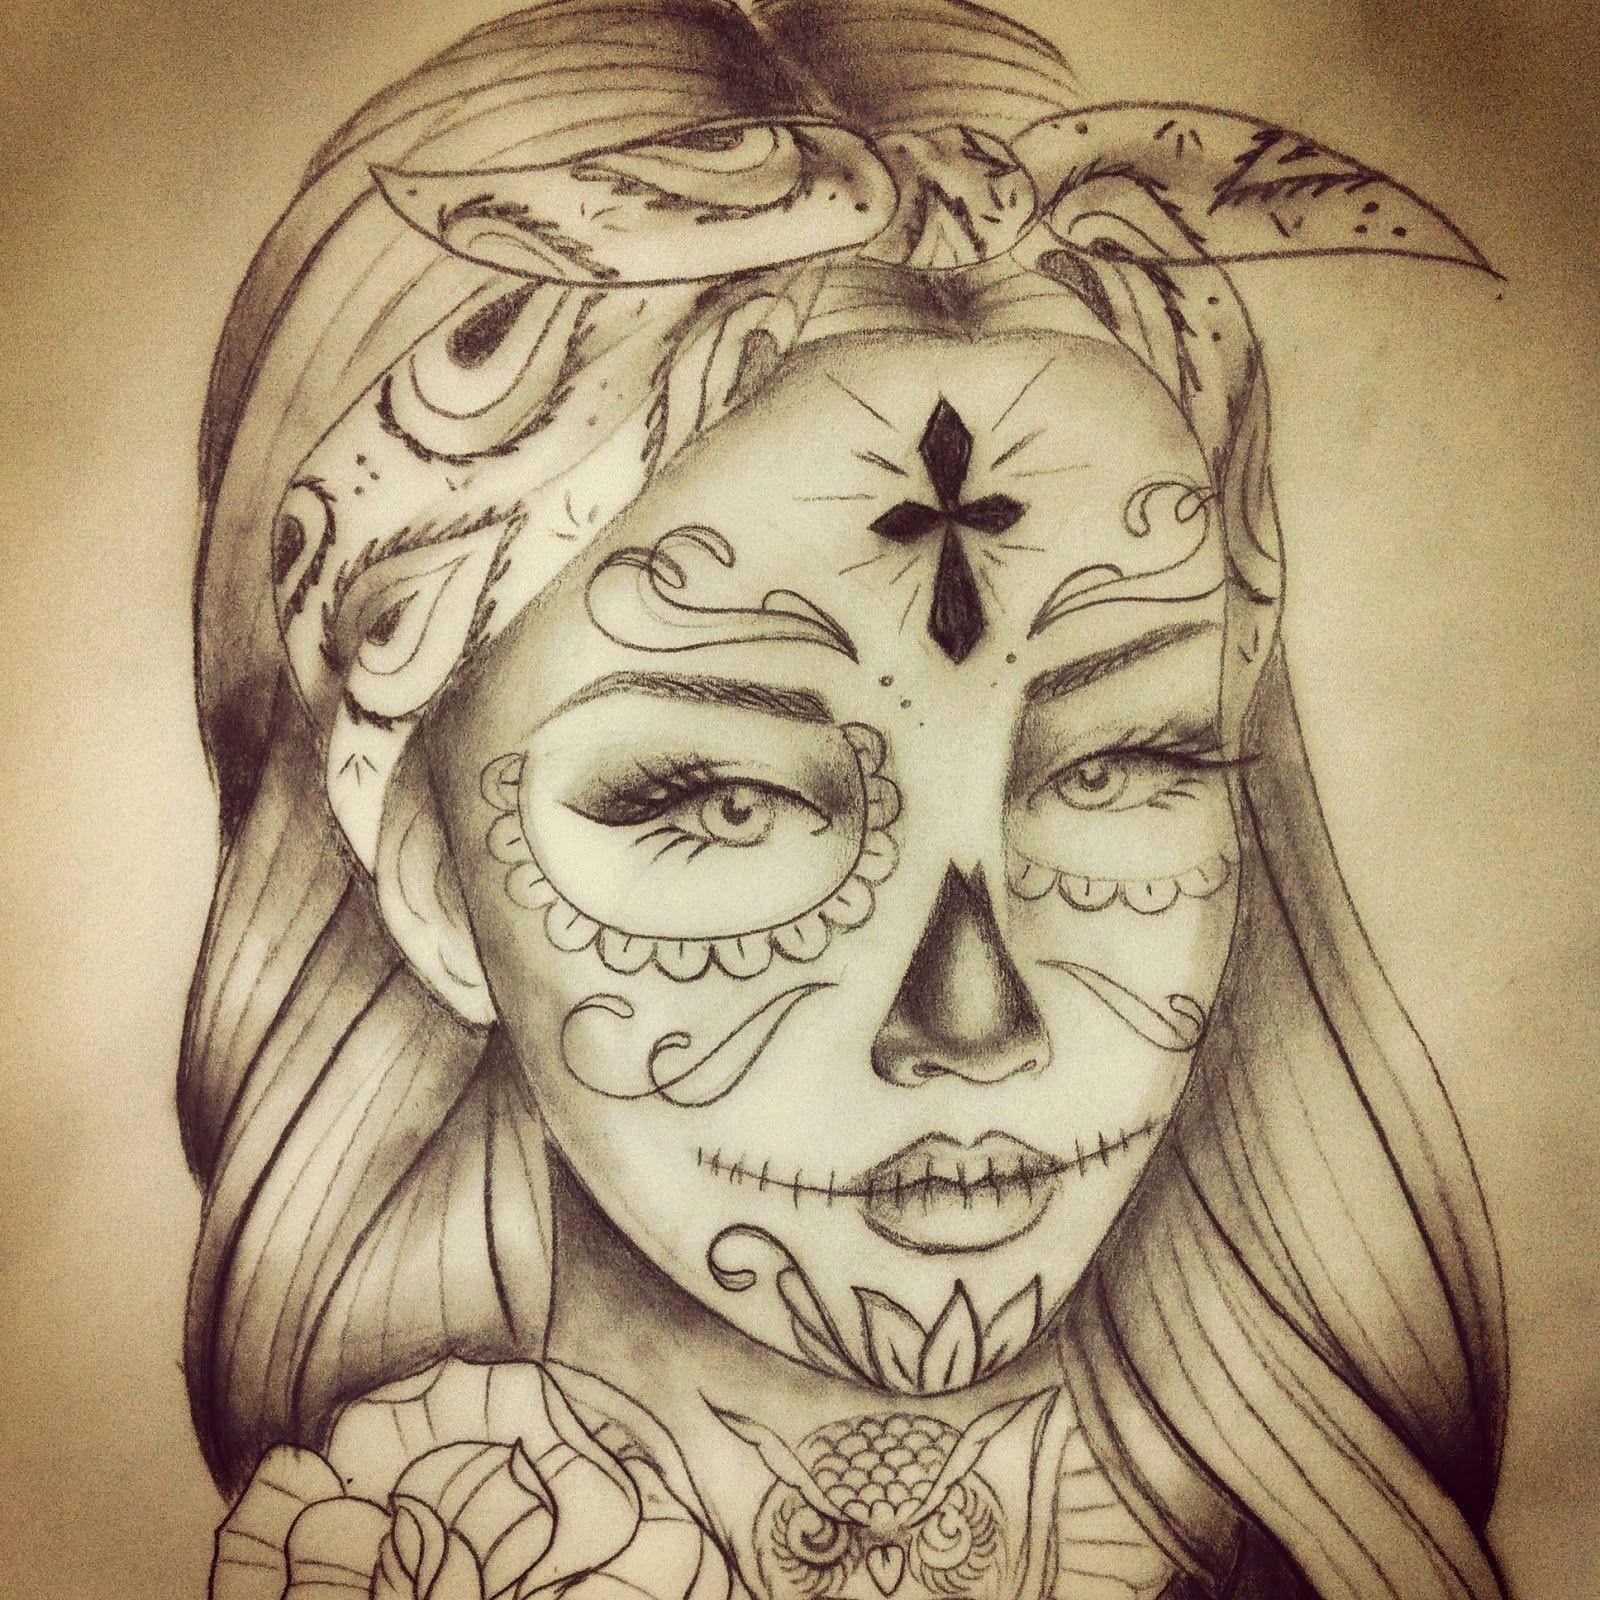 La Santa Muerte Tattoo Designs Elegant Vanessa M Califasmade13 On Pinterest Skull Girl Tattoo Tattoo Design Drawings Sleeve Tattoos